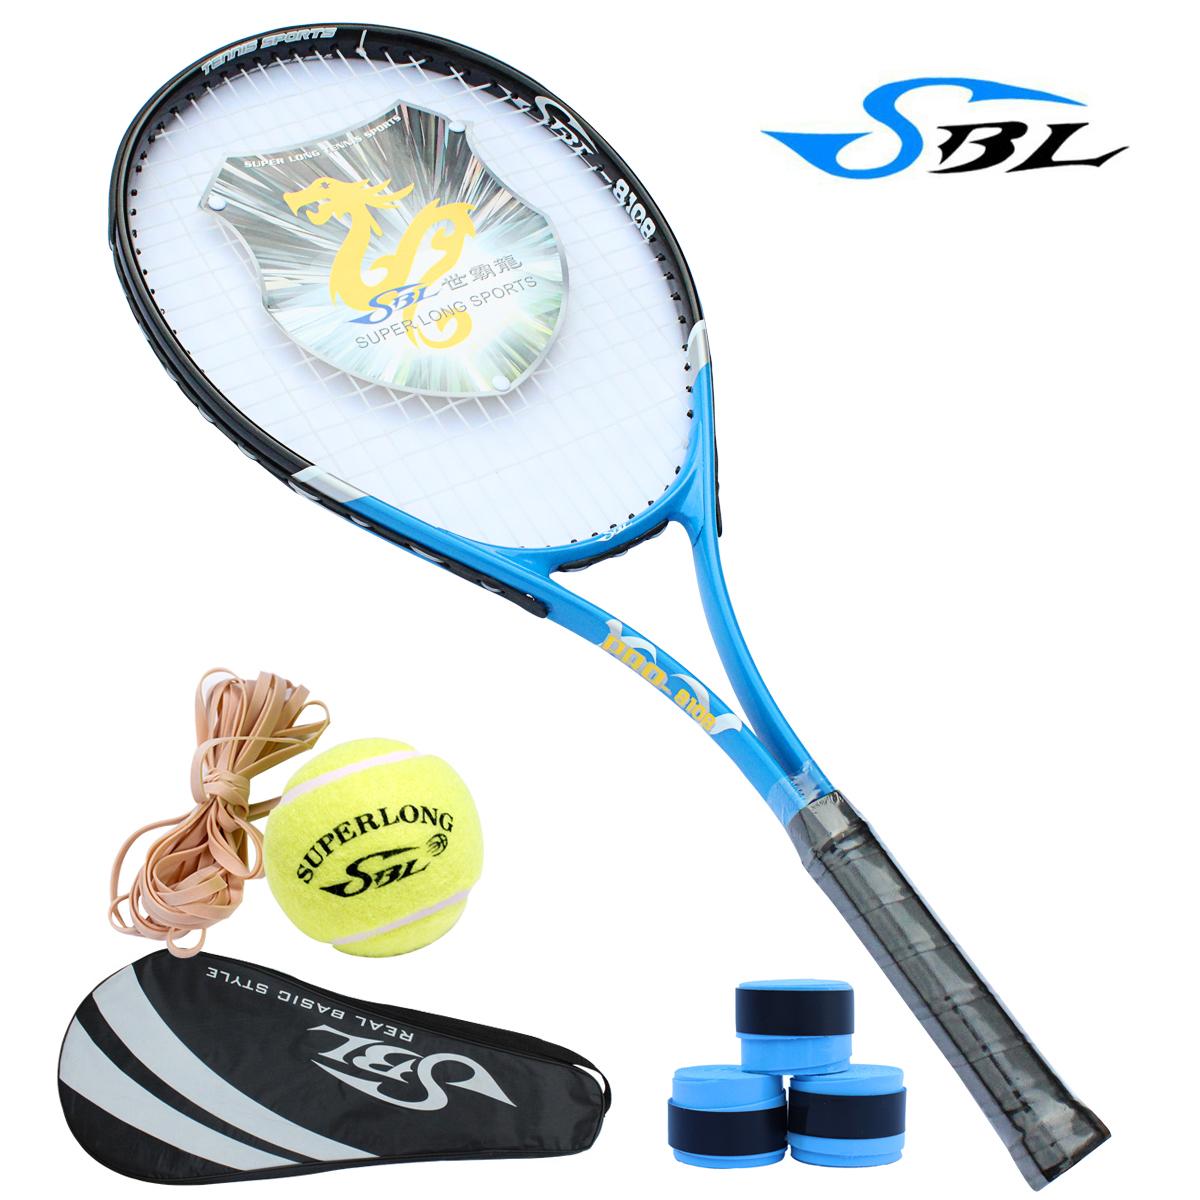 台湾正品带防伪世霸龍8108 初学力荐网球拍 送拍套带线网球吸汗带